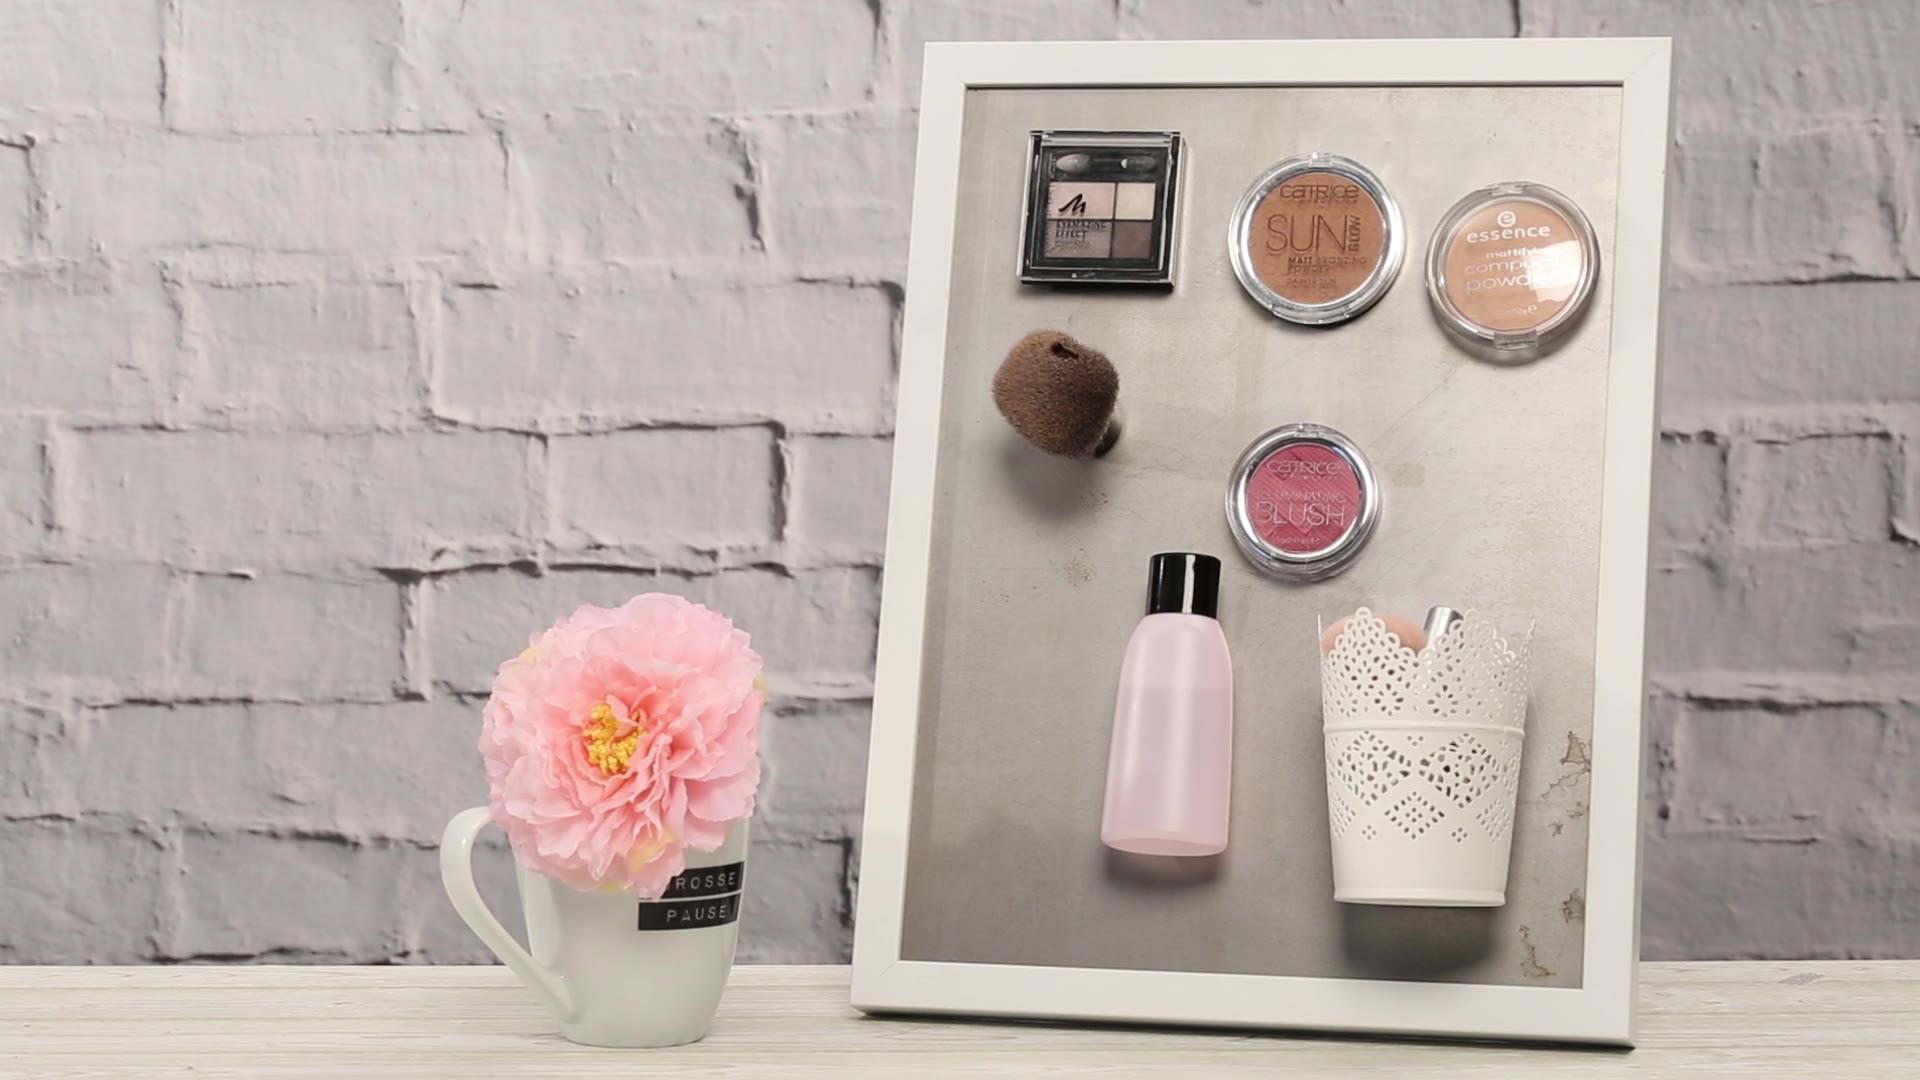 Make Up Aufbewahrung Diy  Magnettafel selber machen für deine Make up Aufbewahrung